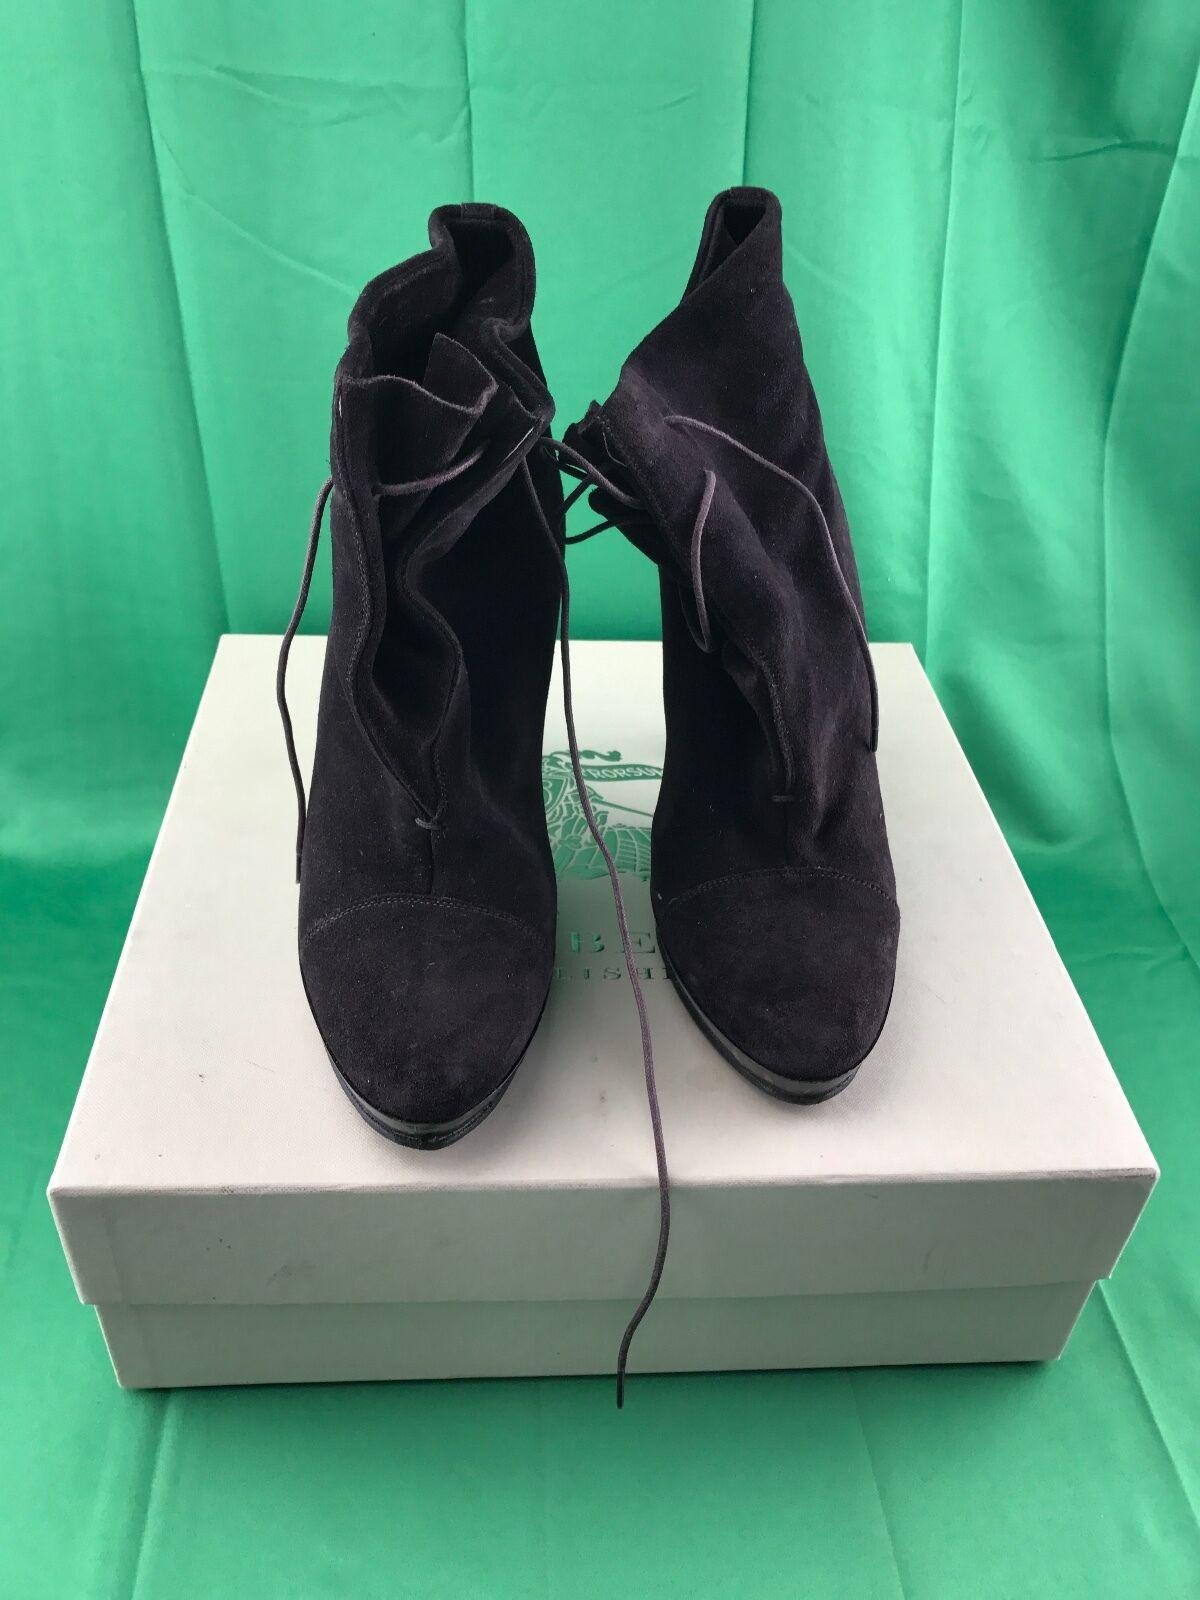 Burberry Prorsum Platform Lace Up Booties - Graceann High Heel